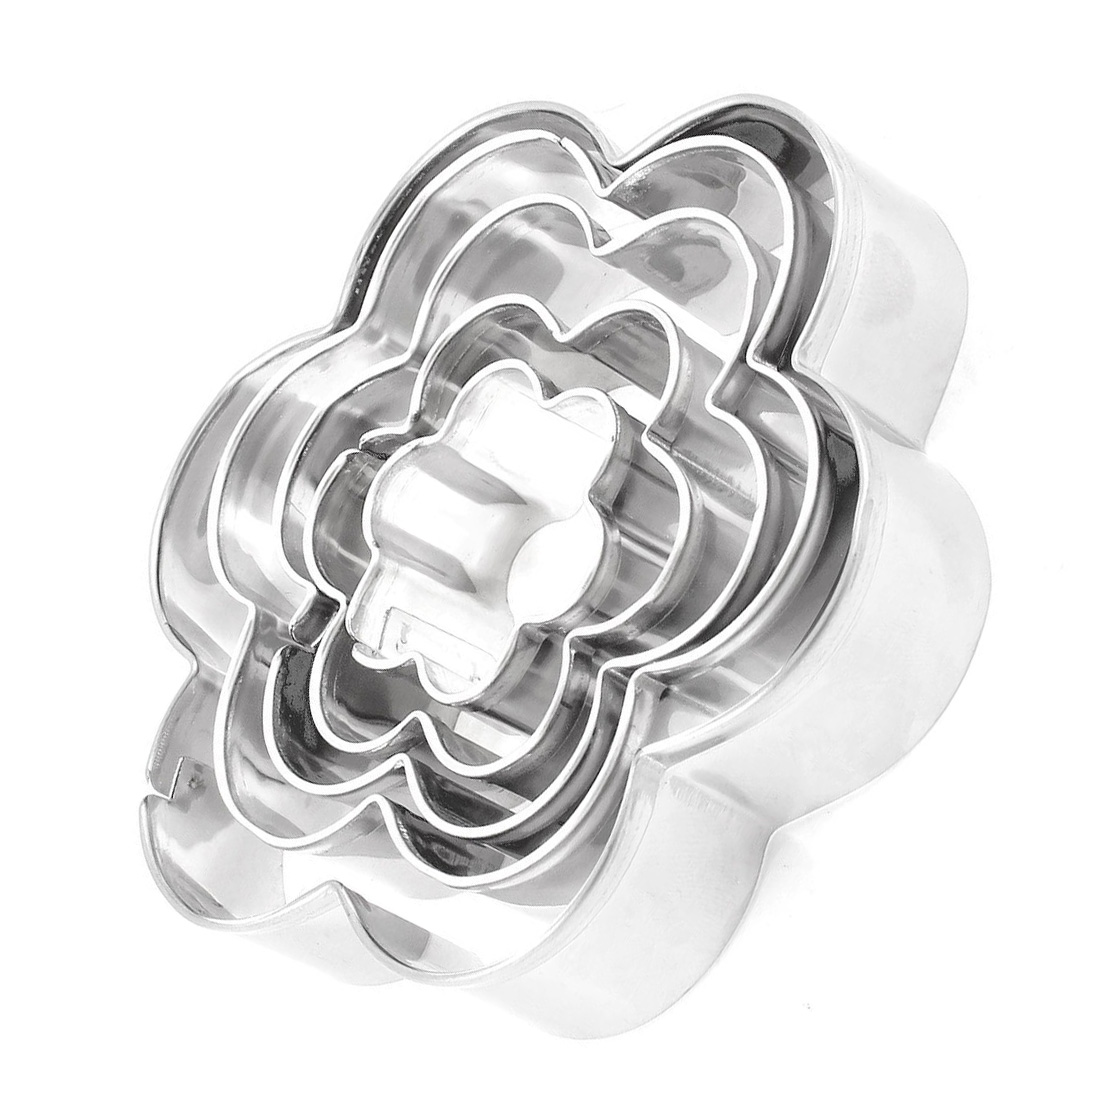 5 pieces argent patisserie biscuits emporte piece en forme de fleur wt ebay - Emporte piece patisserie originaux ...